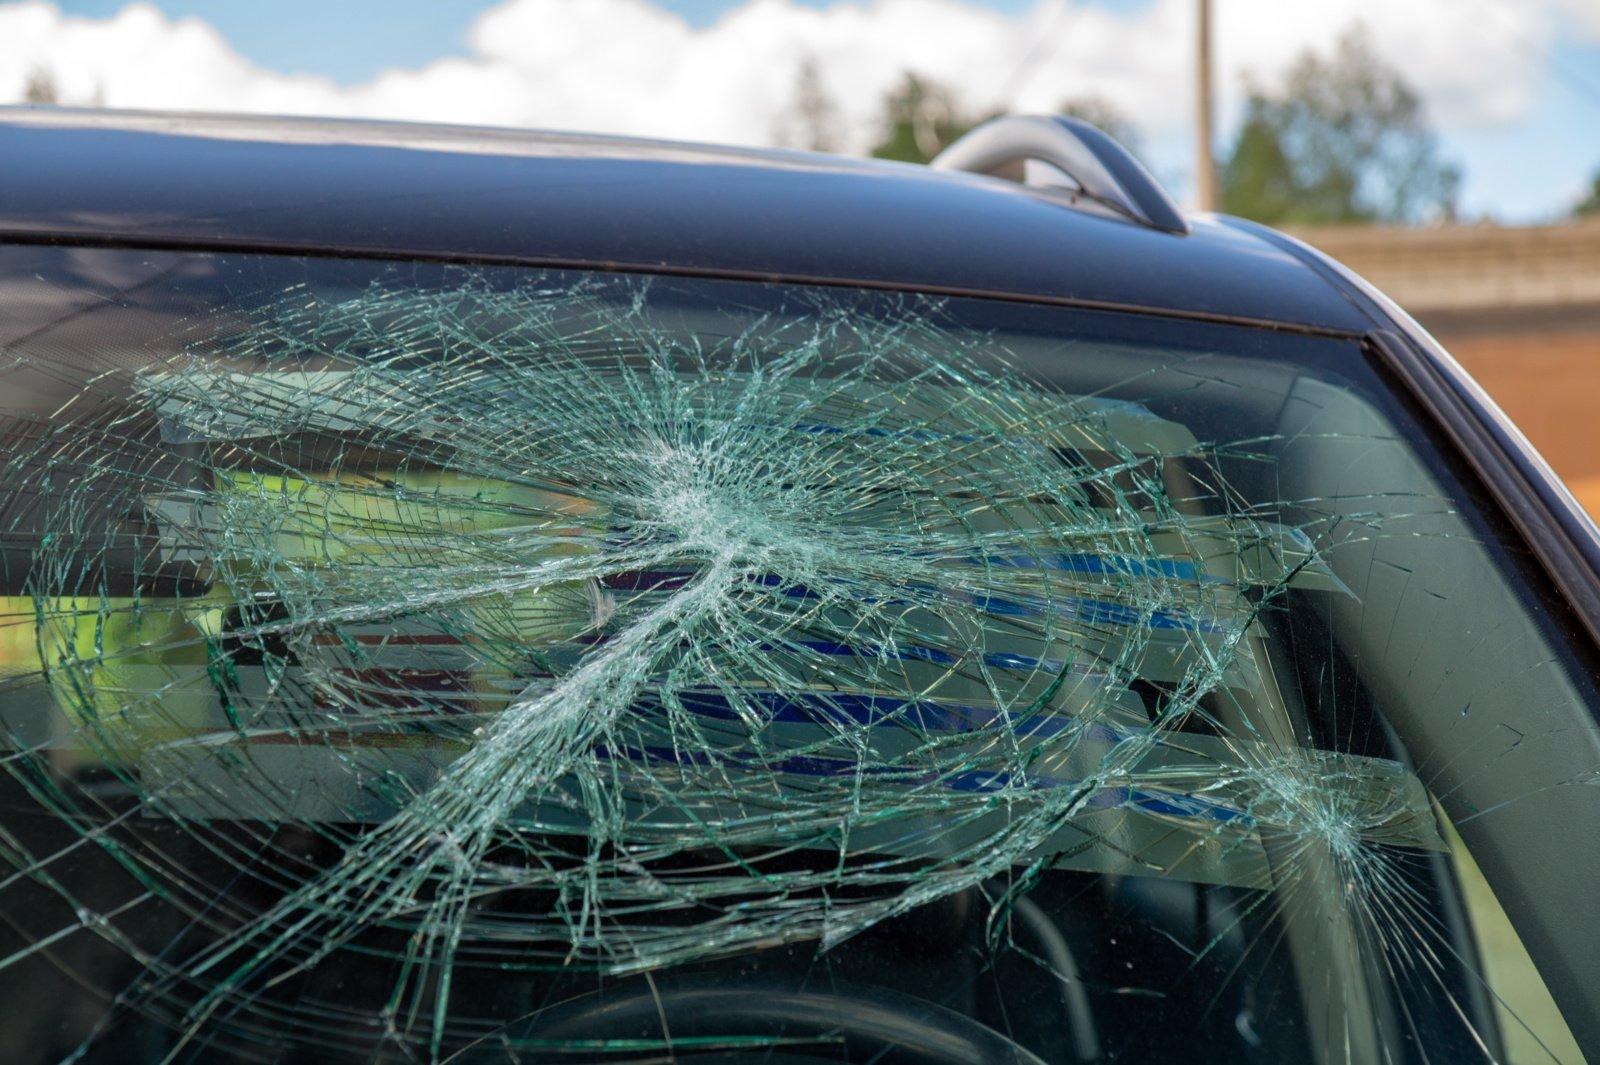 Prie vairo sėdusi girta moteris partrenkė ir 100 metrų automobiliu vilko savo dukrą